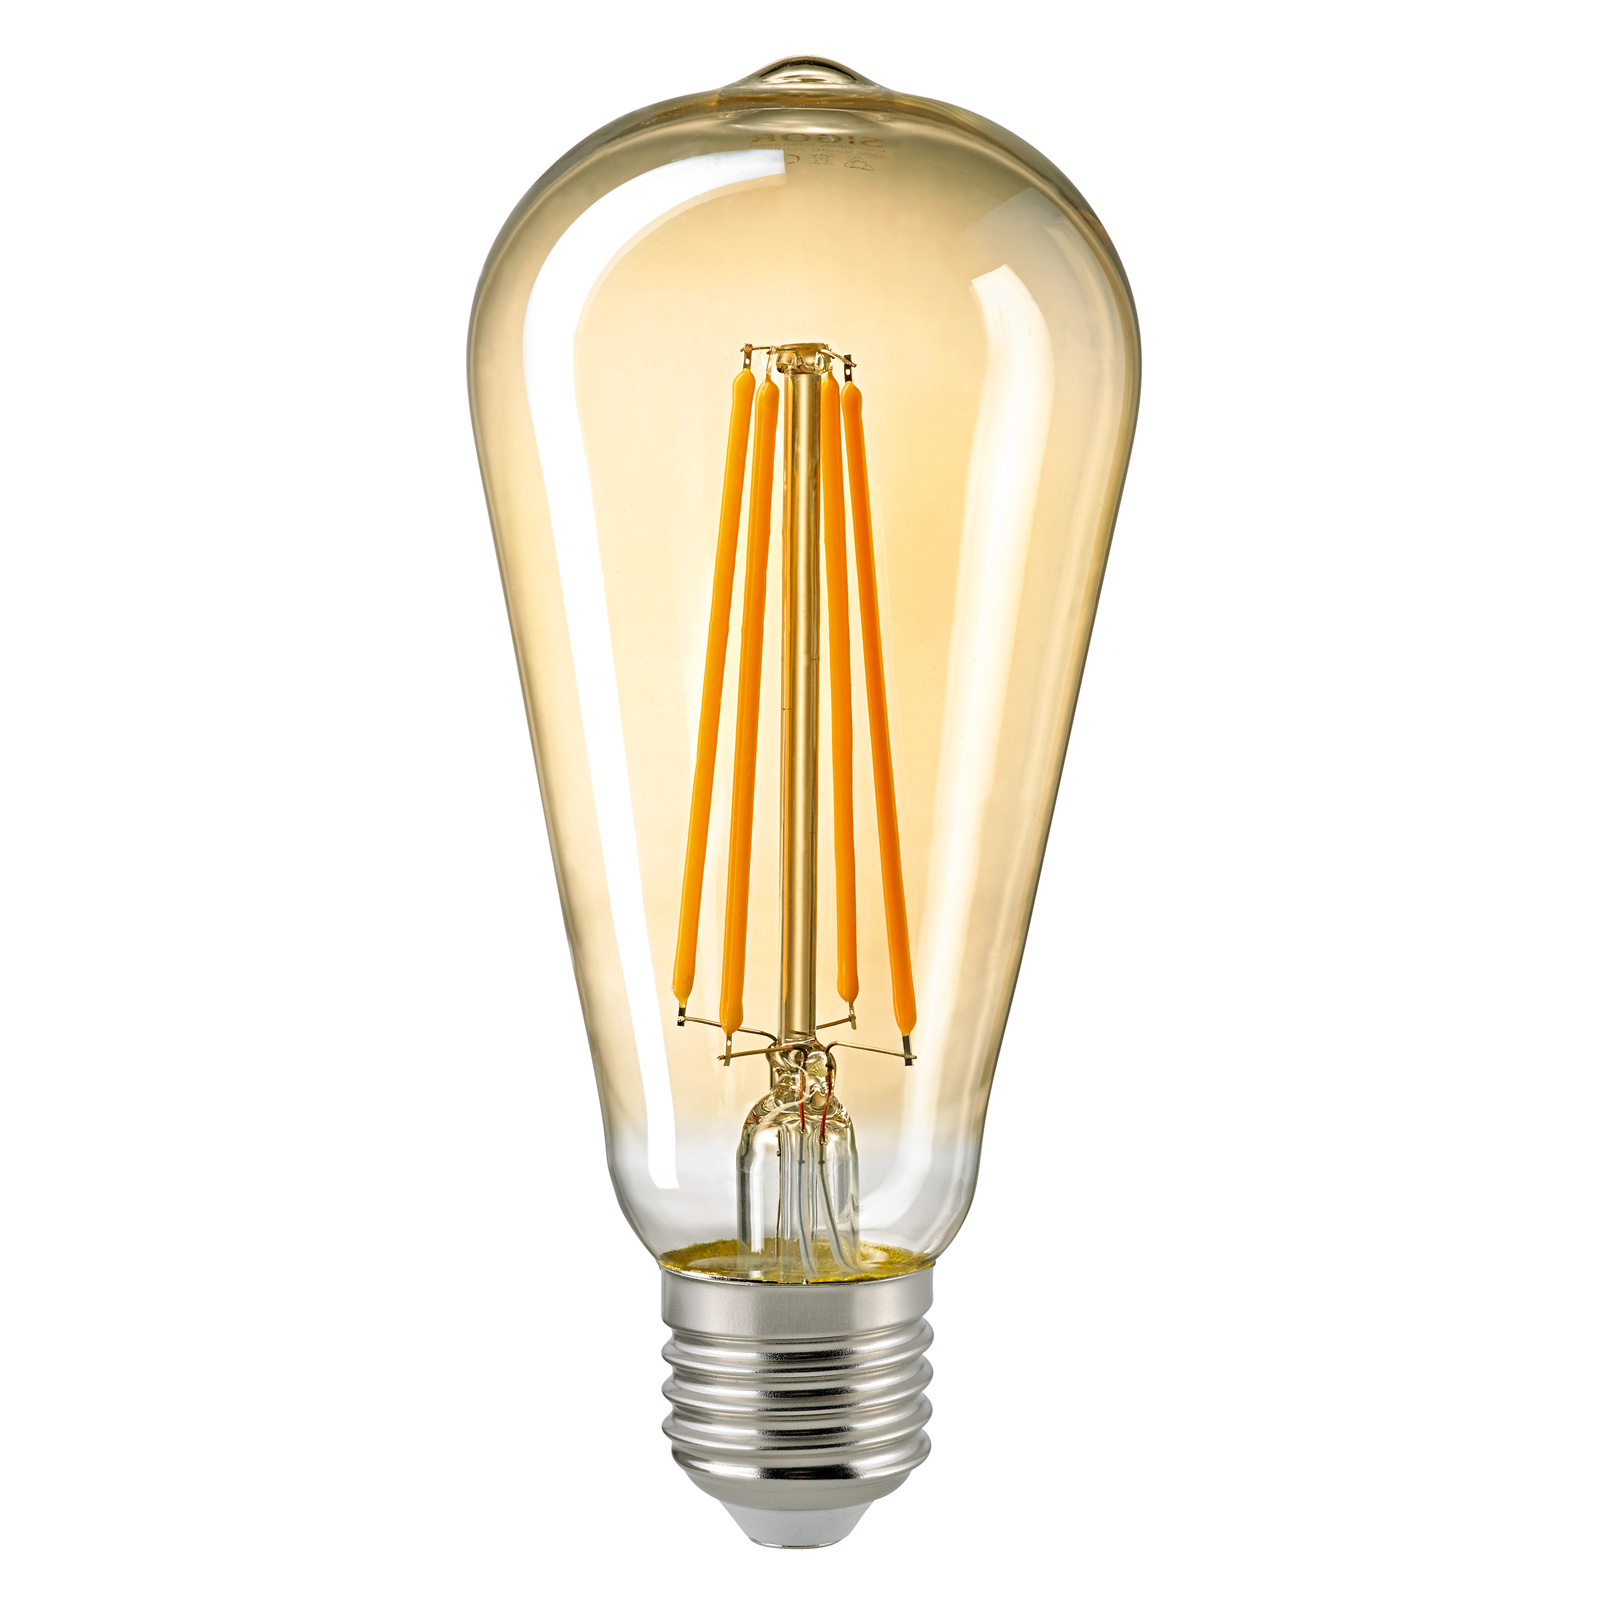 E27 ST64 4,5W Filament Rustika LED-pære, guld